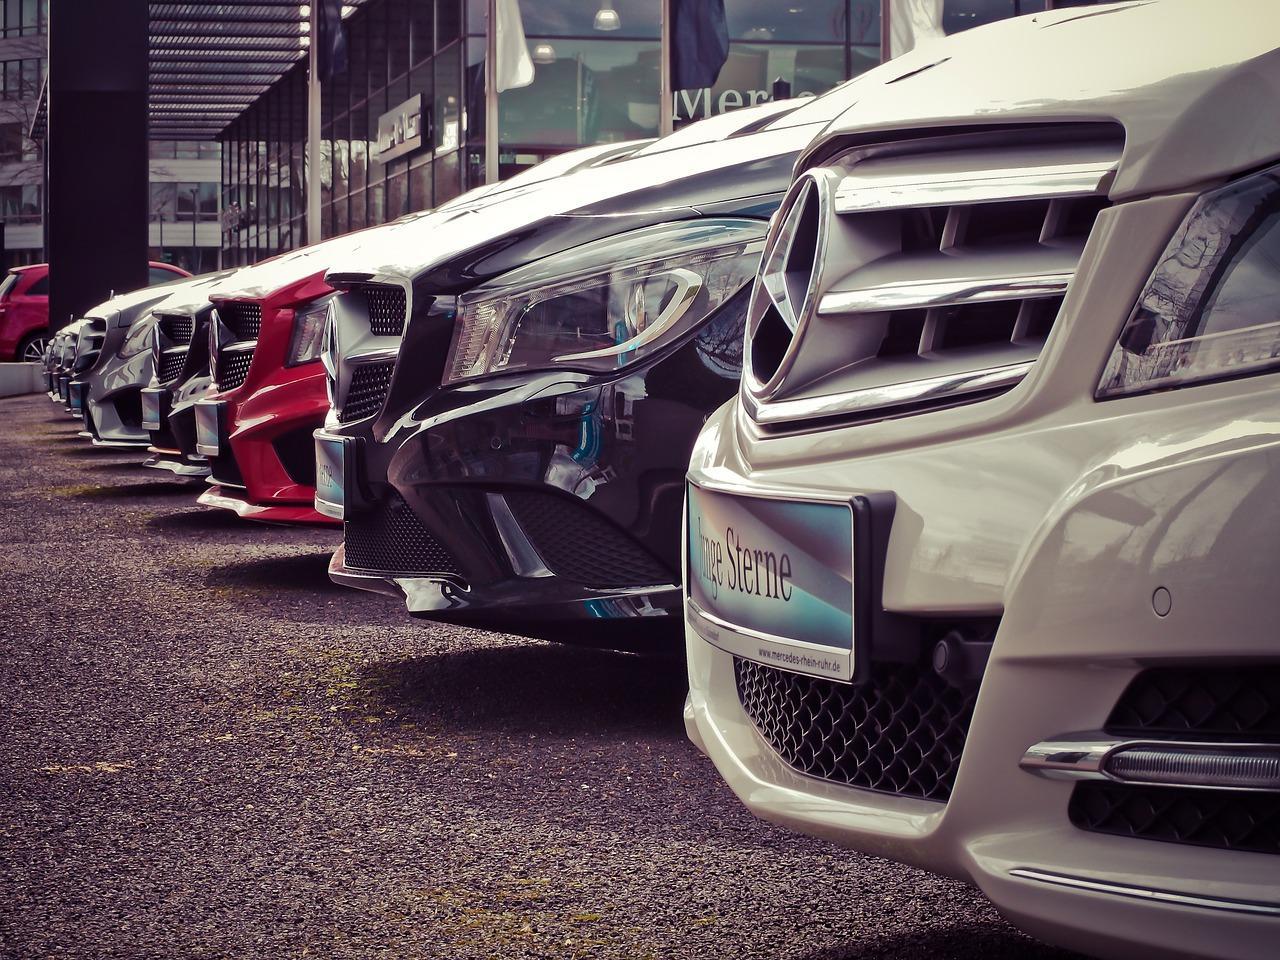 Kiedy oddanie auta na skup ma sens?